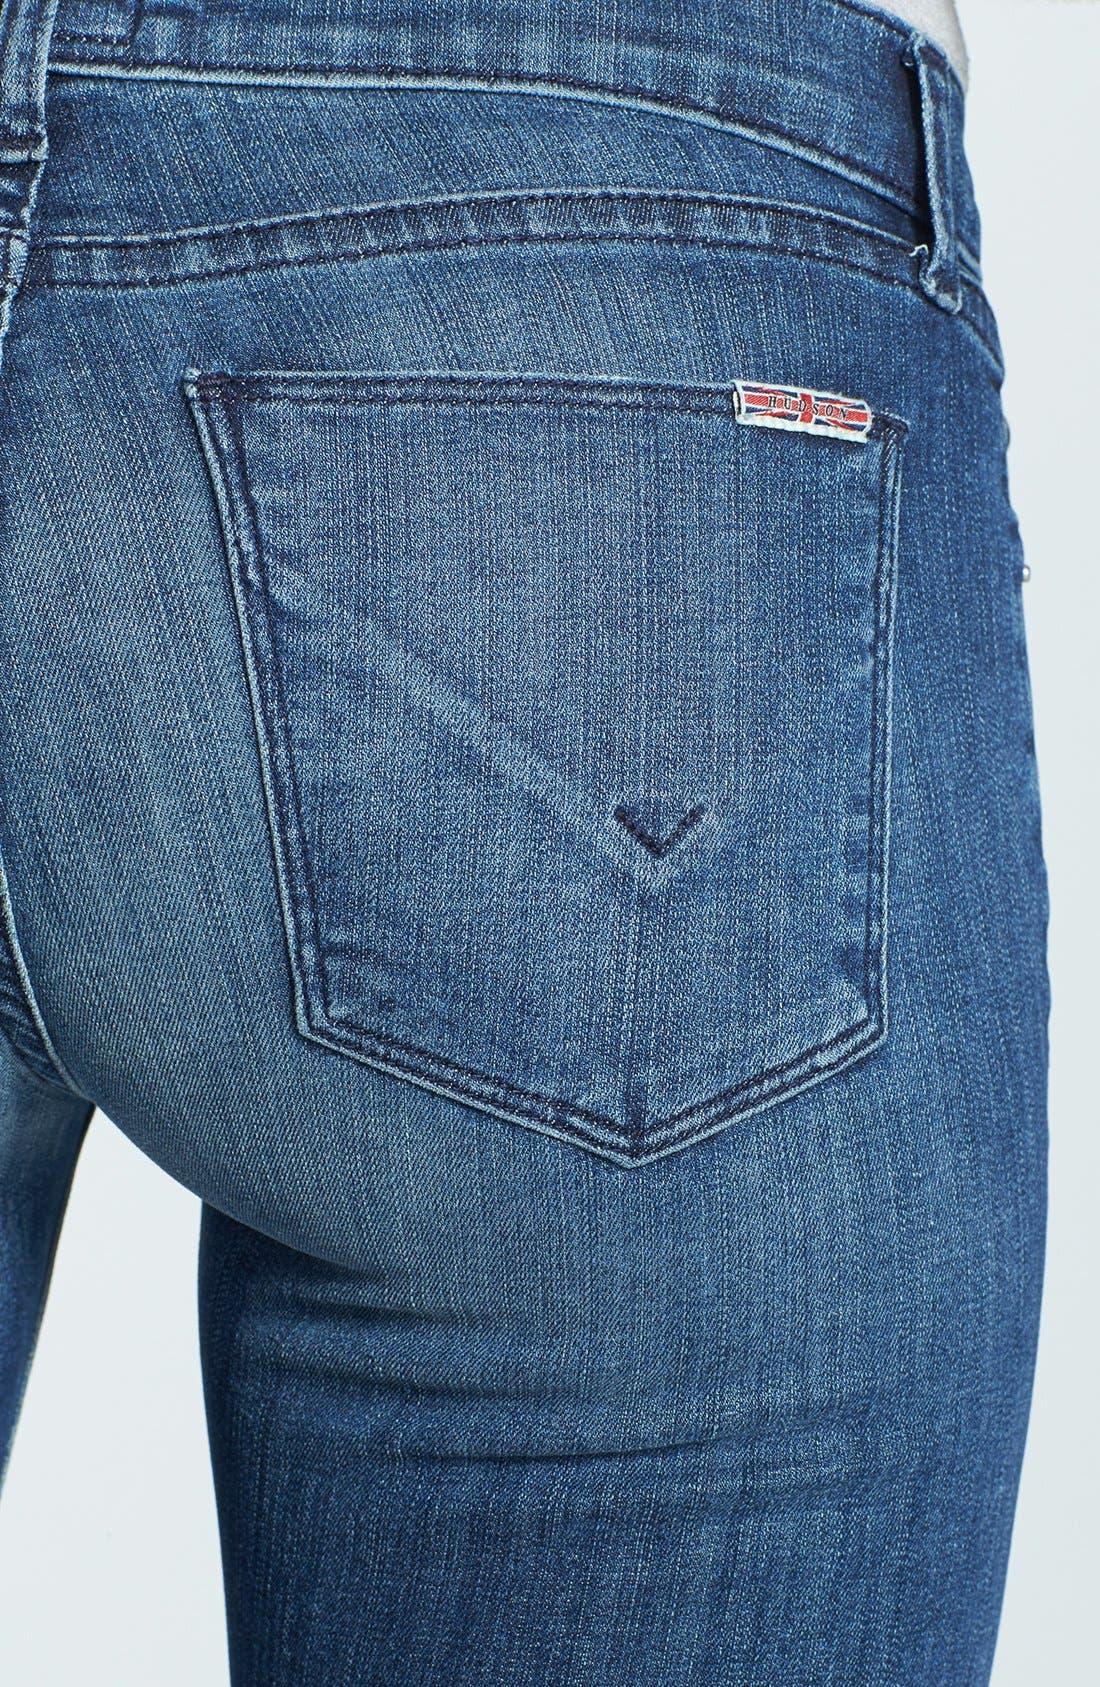 Alternate Image 3  - Hudson Jeans 'Krista' Super Skinny Jeans (Supervixen)